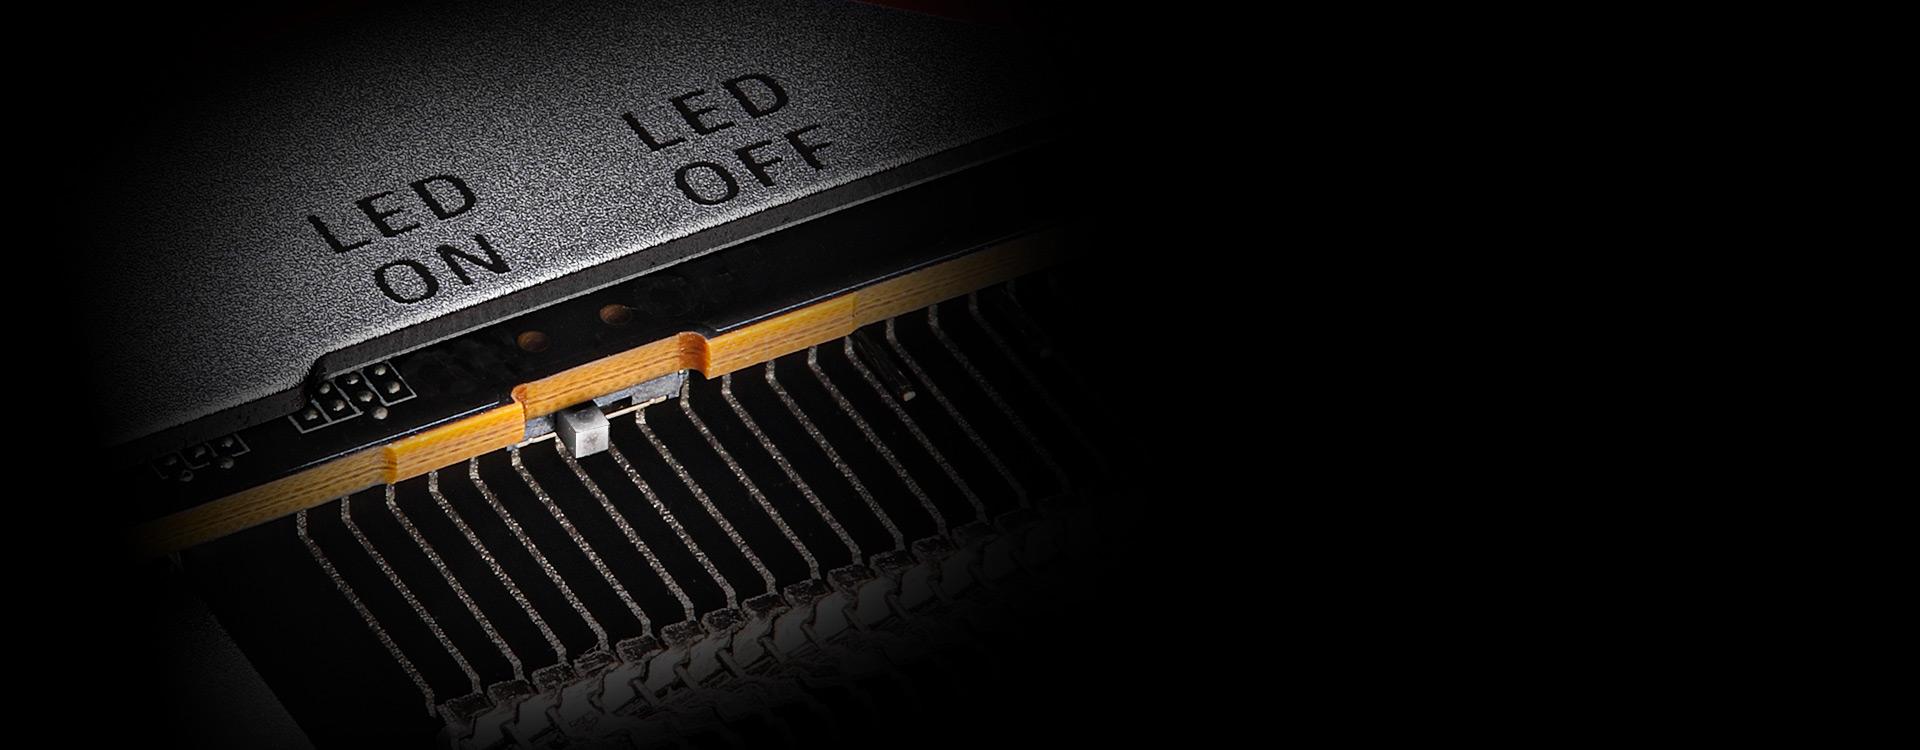 VGA LED On/Off Switch